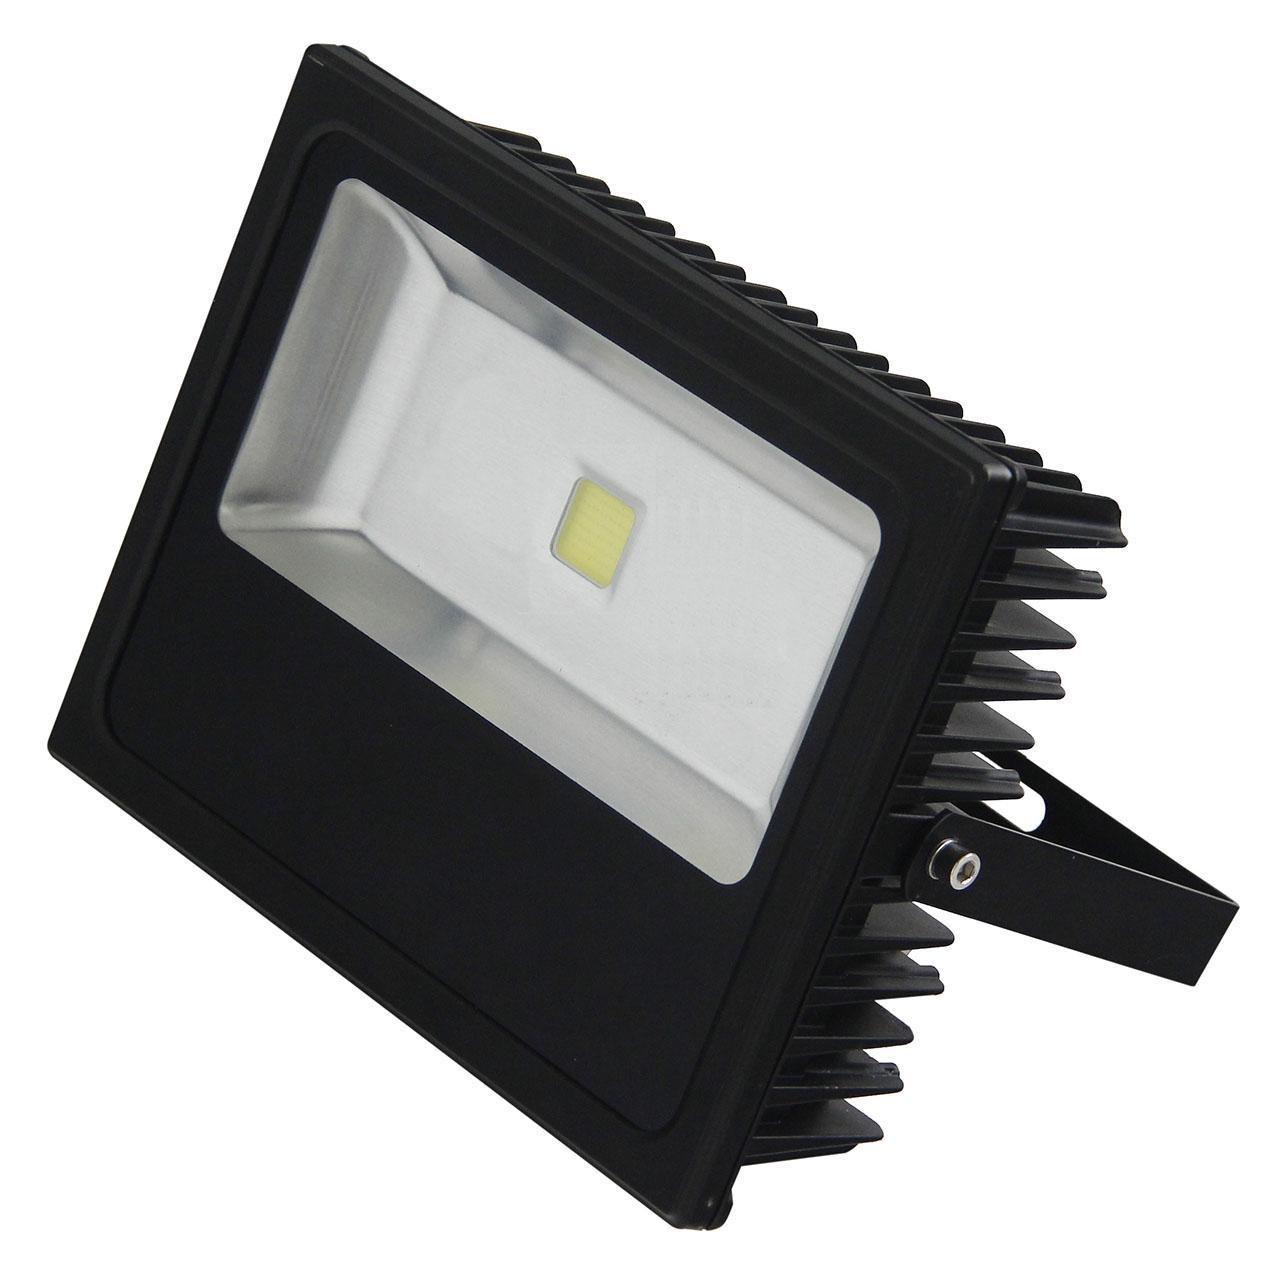 Прожектор светодиодный Horoz Leon 70W 6500K 068-001-0070 (HL166L)